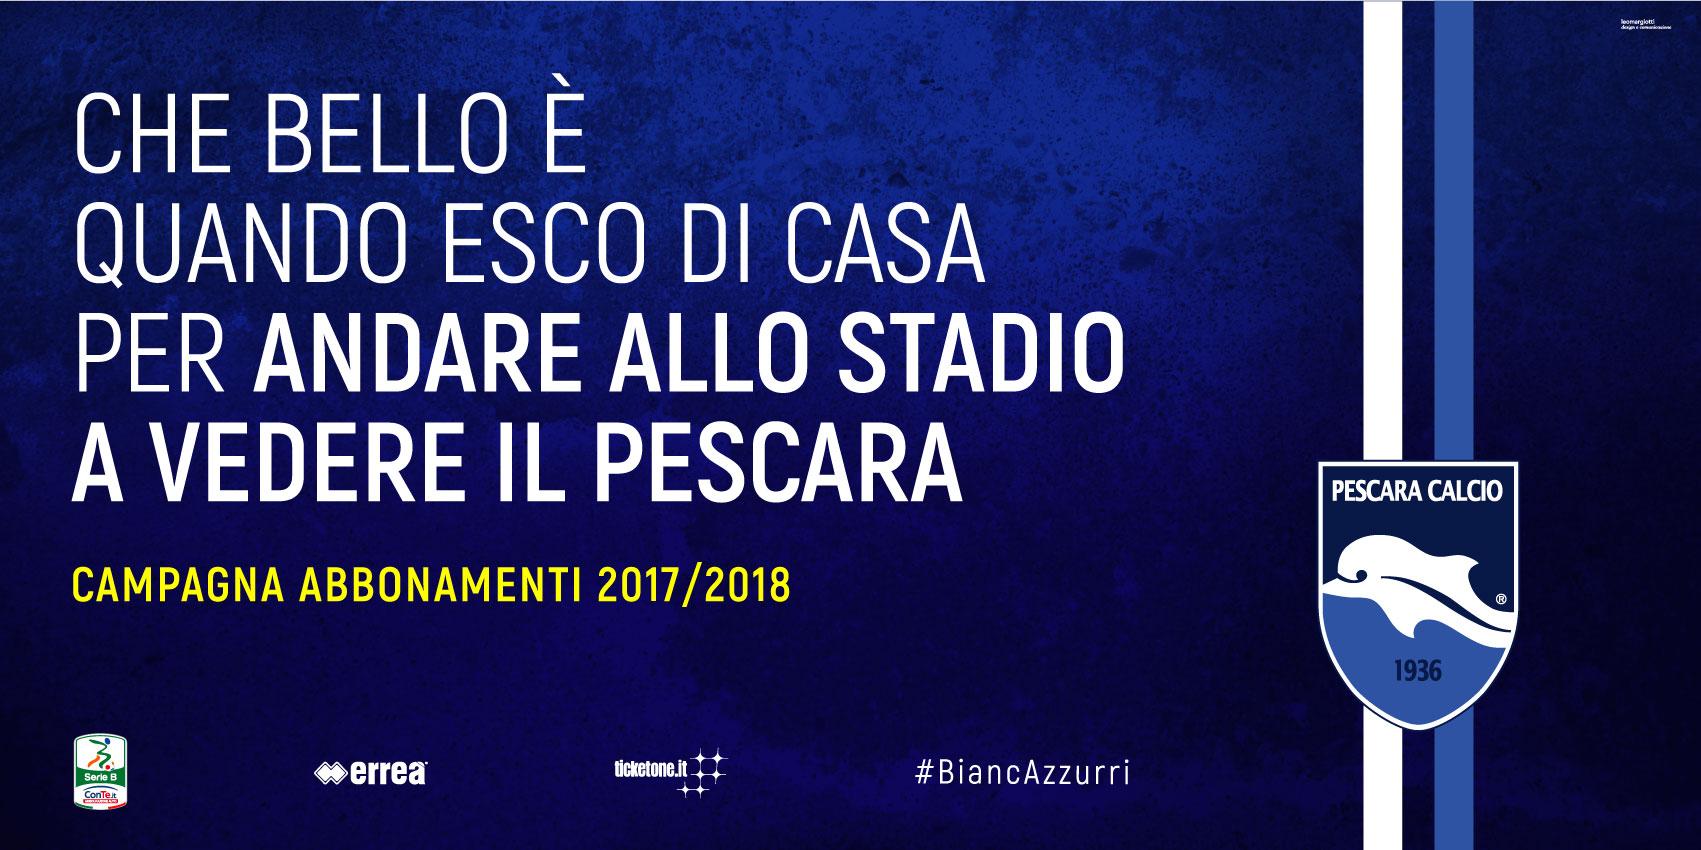 Pescara calcio, info abbonamenti e match col Foggia